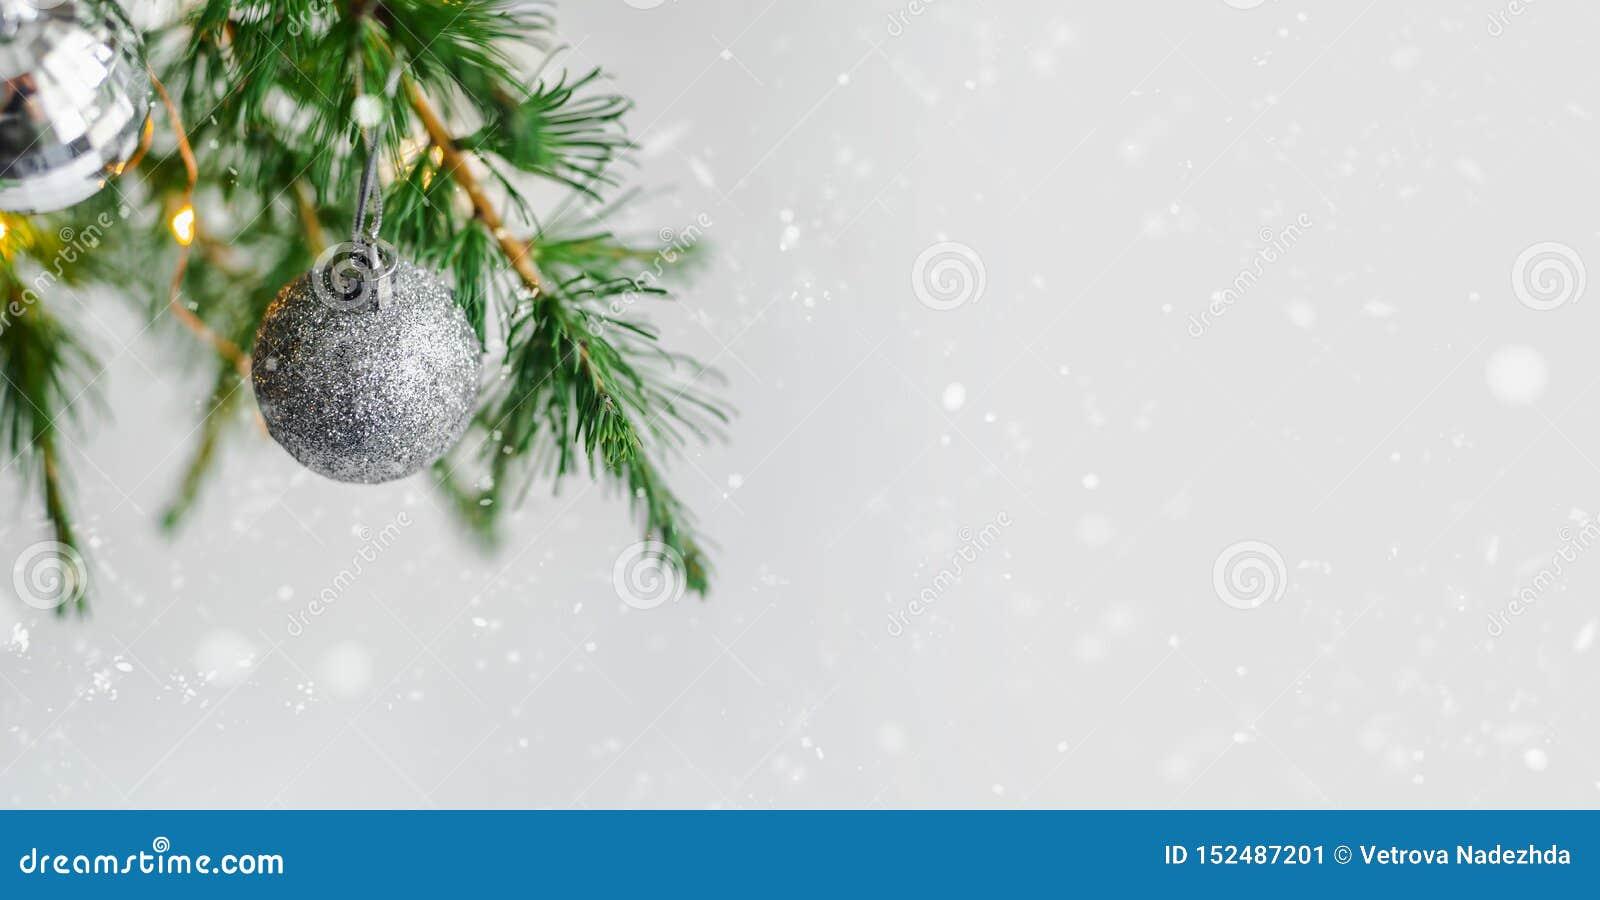 Weihnachtszusammensetzungsdekorationen und Girlanden Tannen-Baumaste